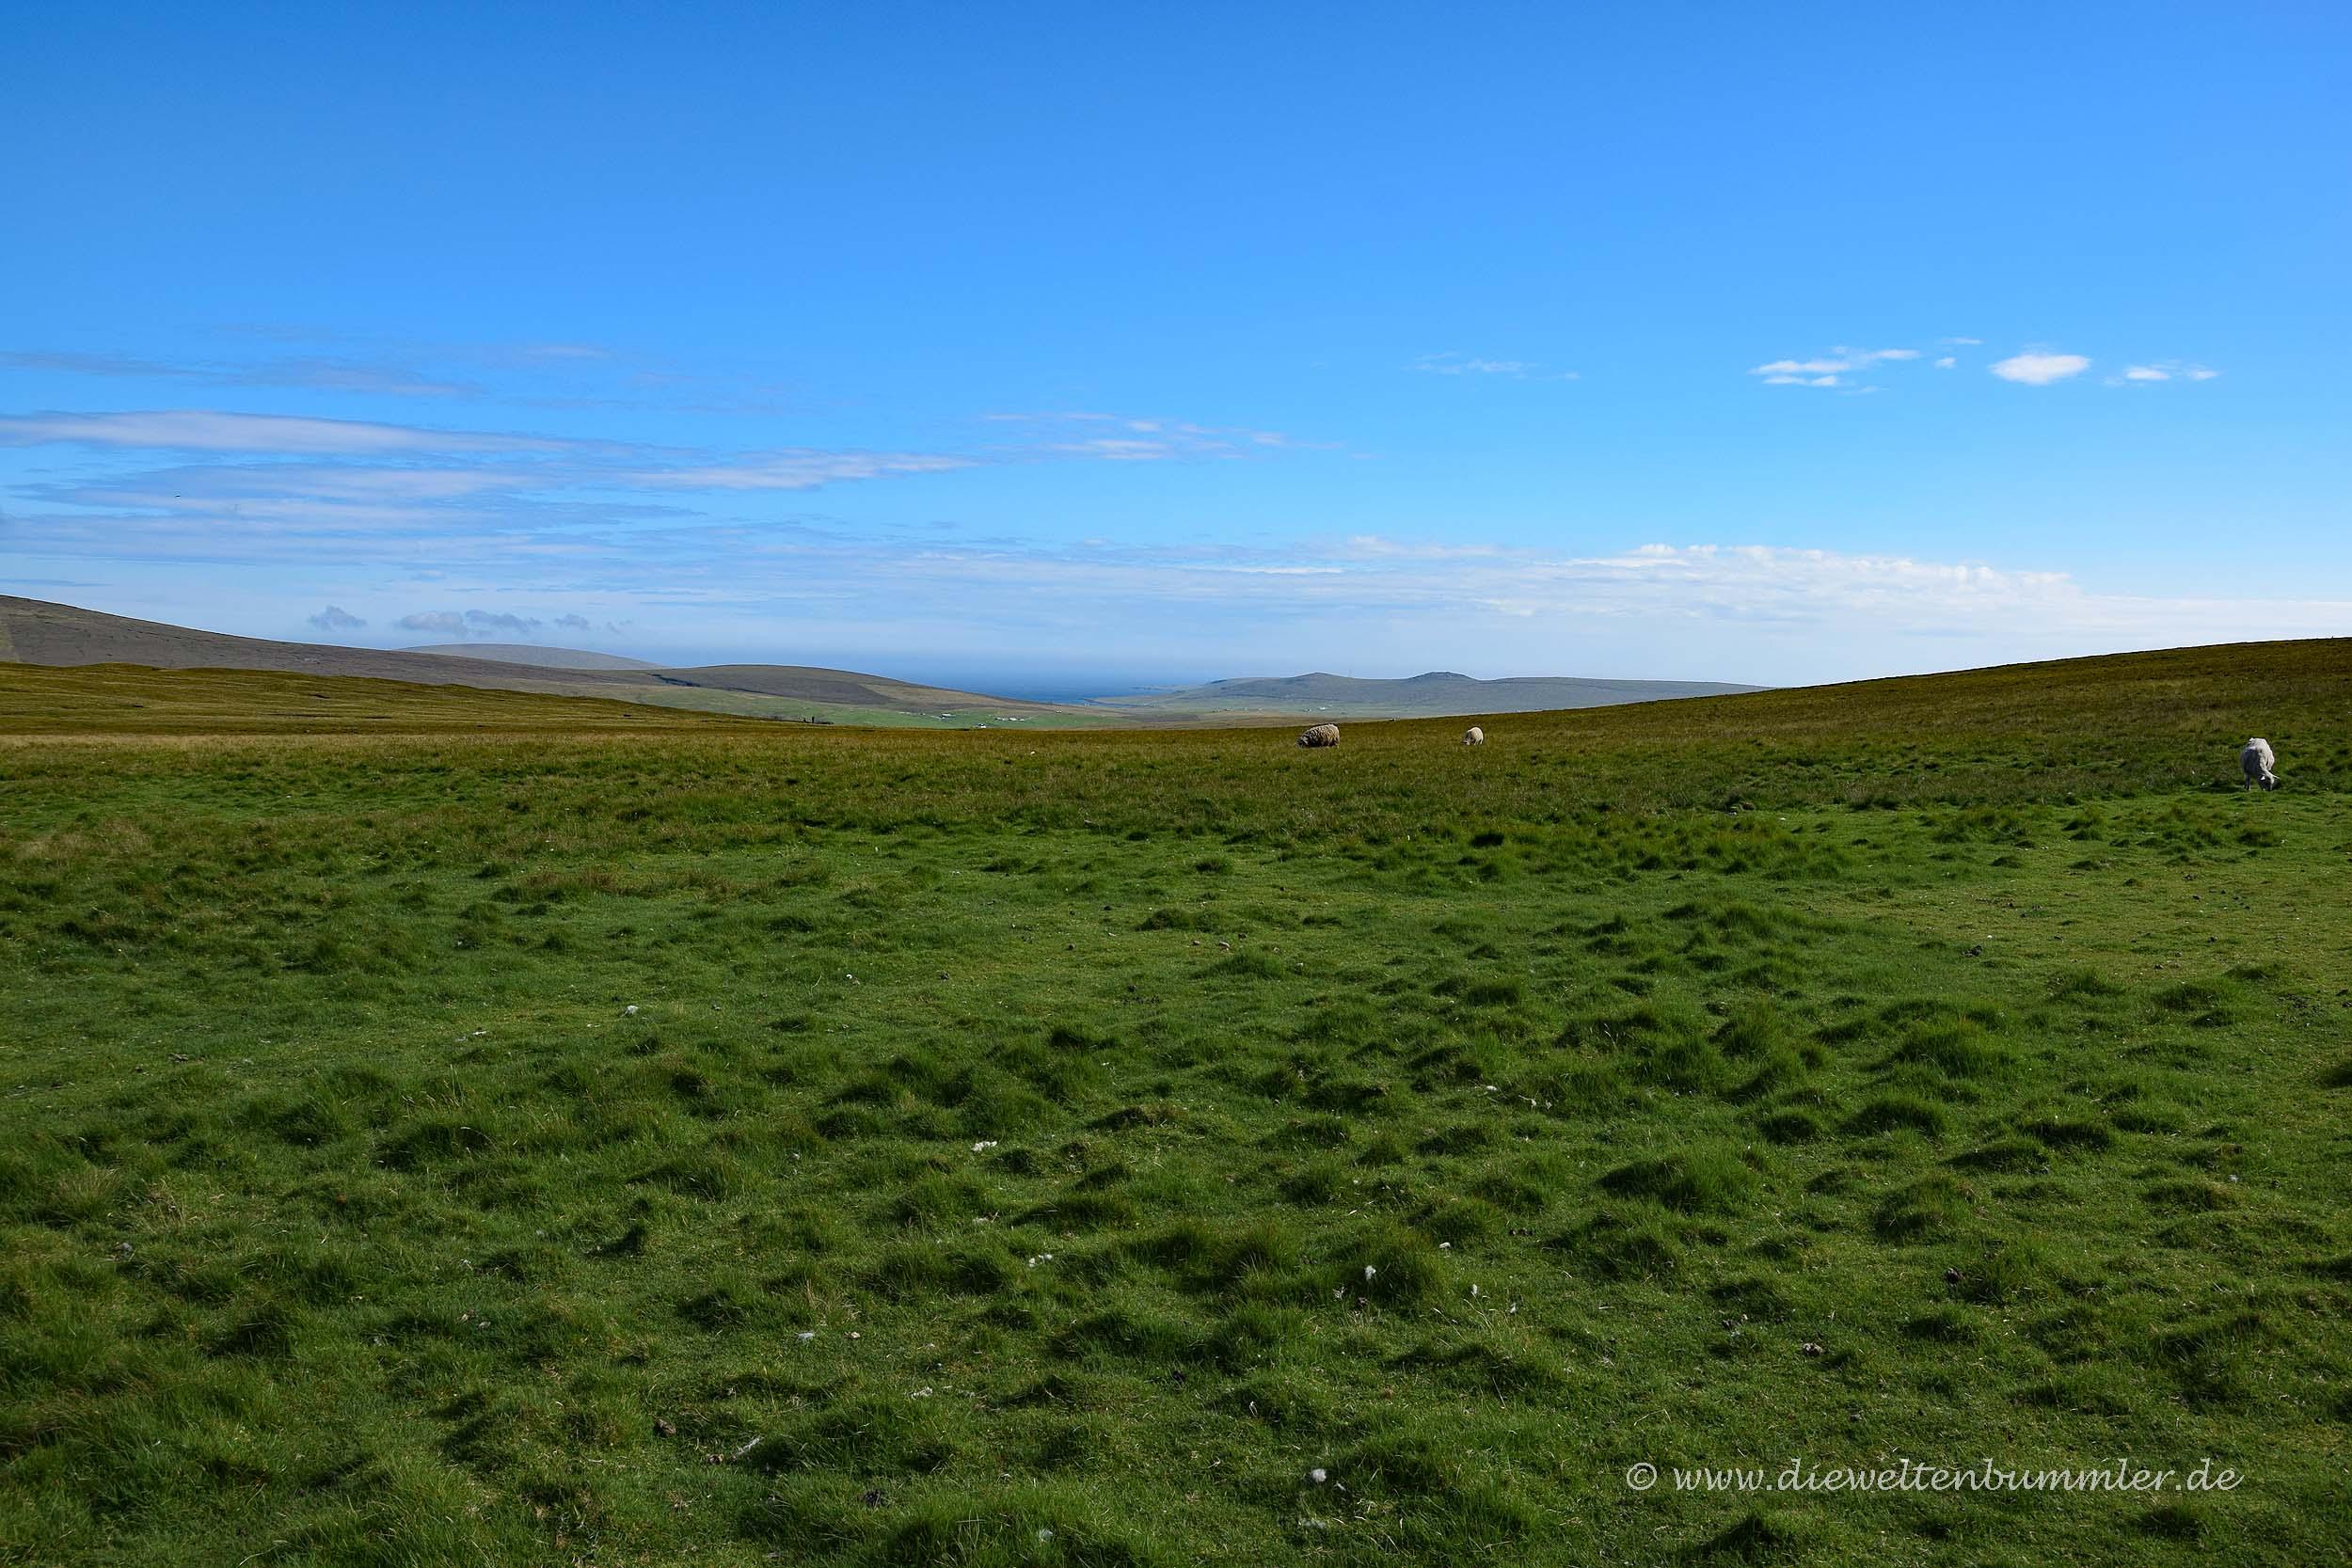 Unendliche Weite auf den Shetland-Inseln